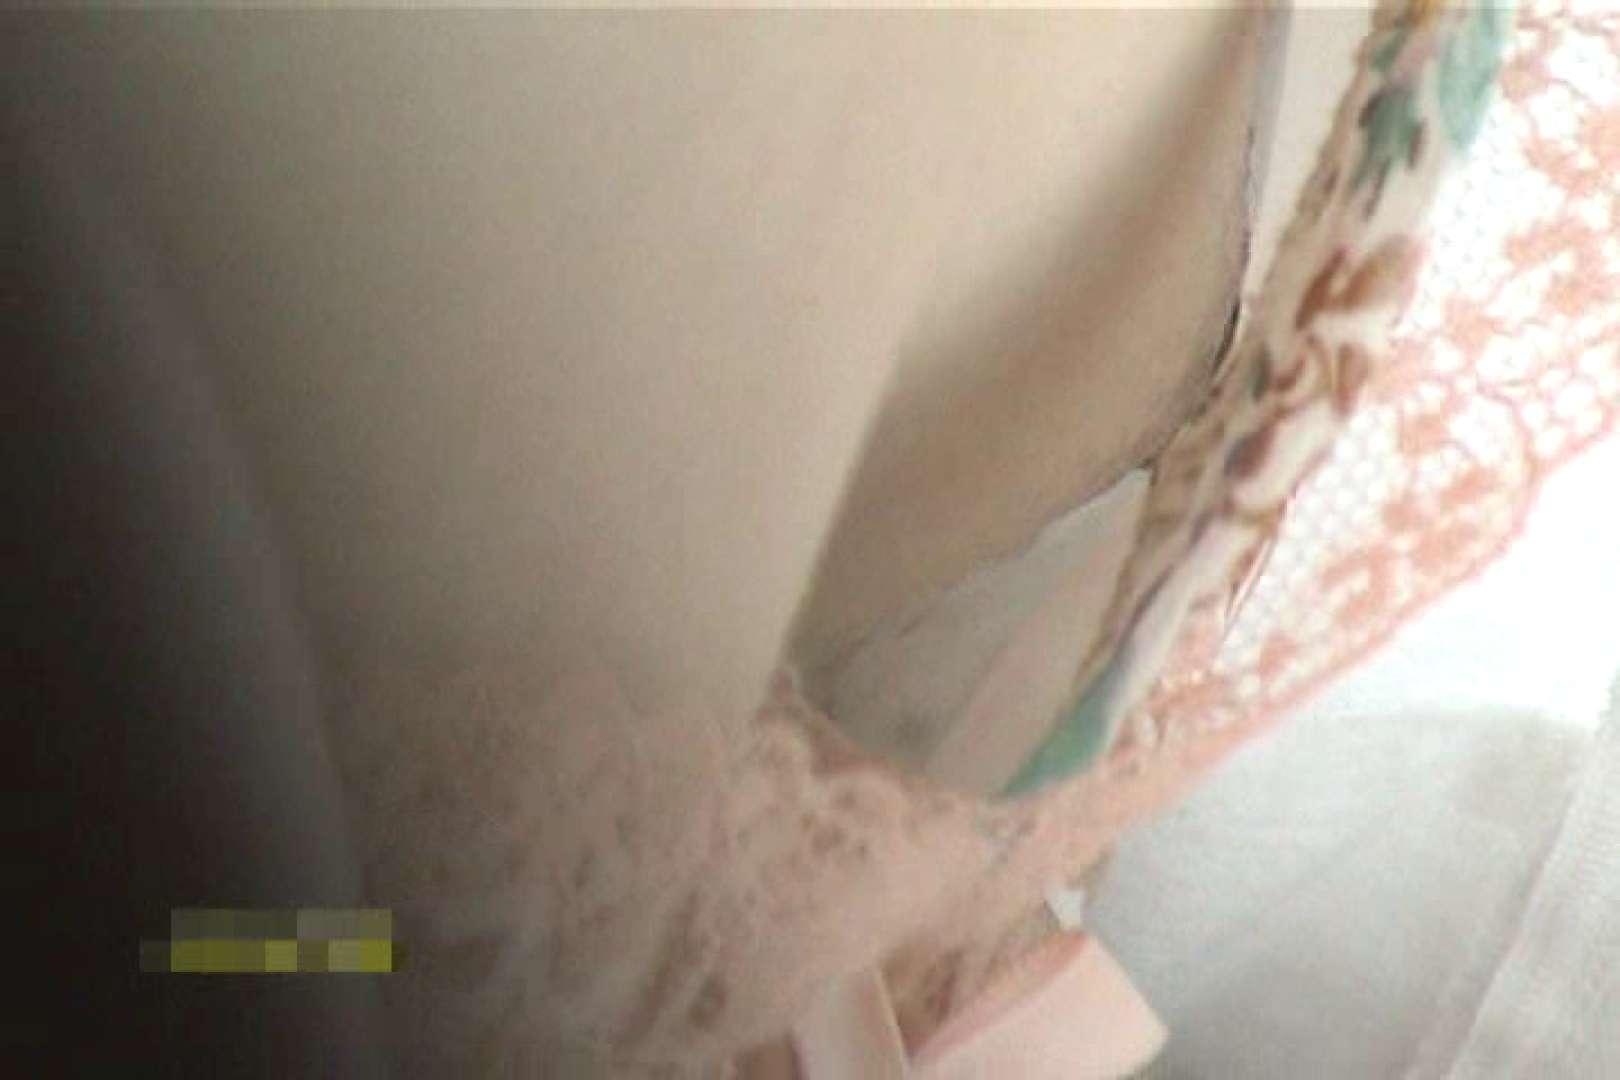 徘徊撮り!!街で出会った乳首たちVol.1 乳首 オマンコ無修正動画無料 59画像 31